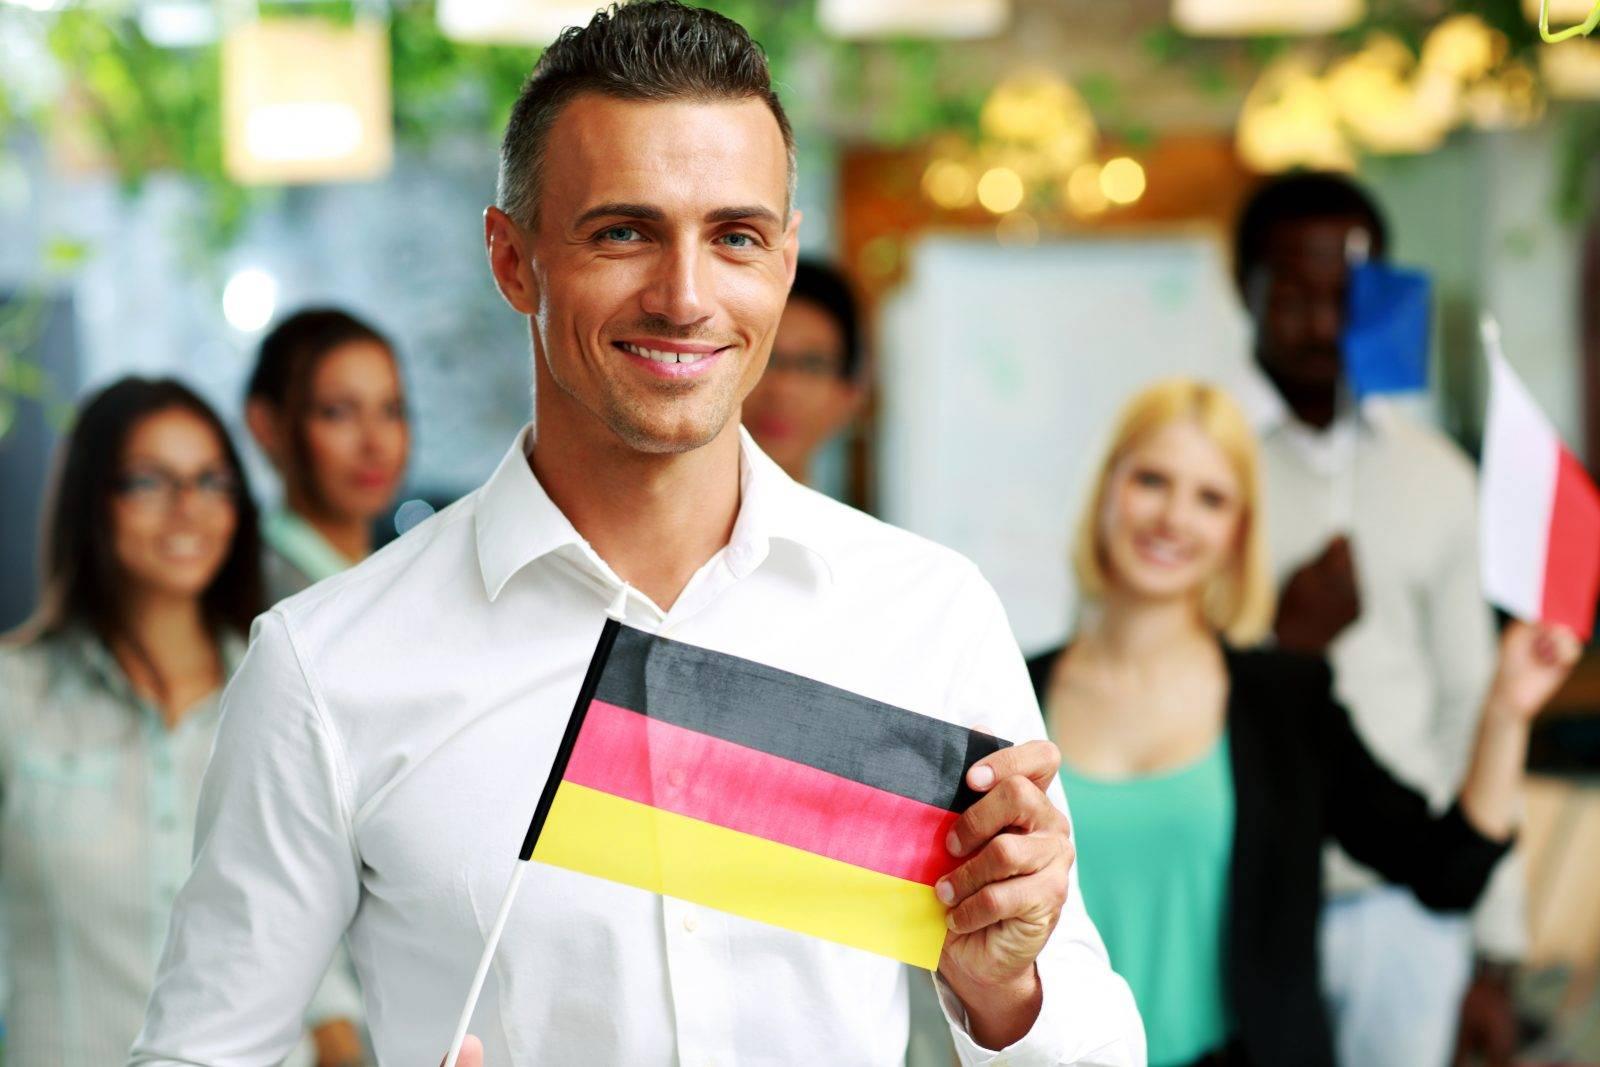 Разрешение на пребывание и работу в германии: голубая карта, вид на жительство, список профессий